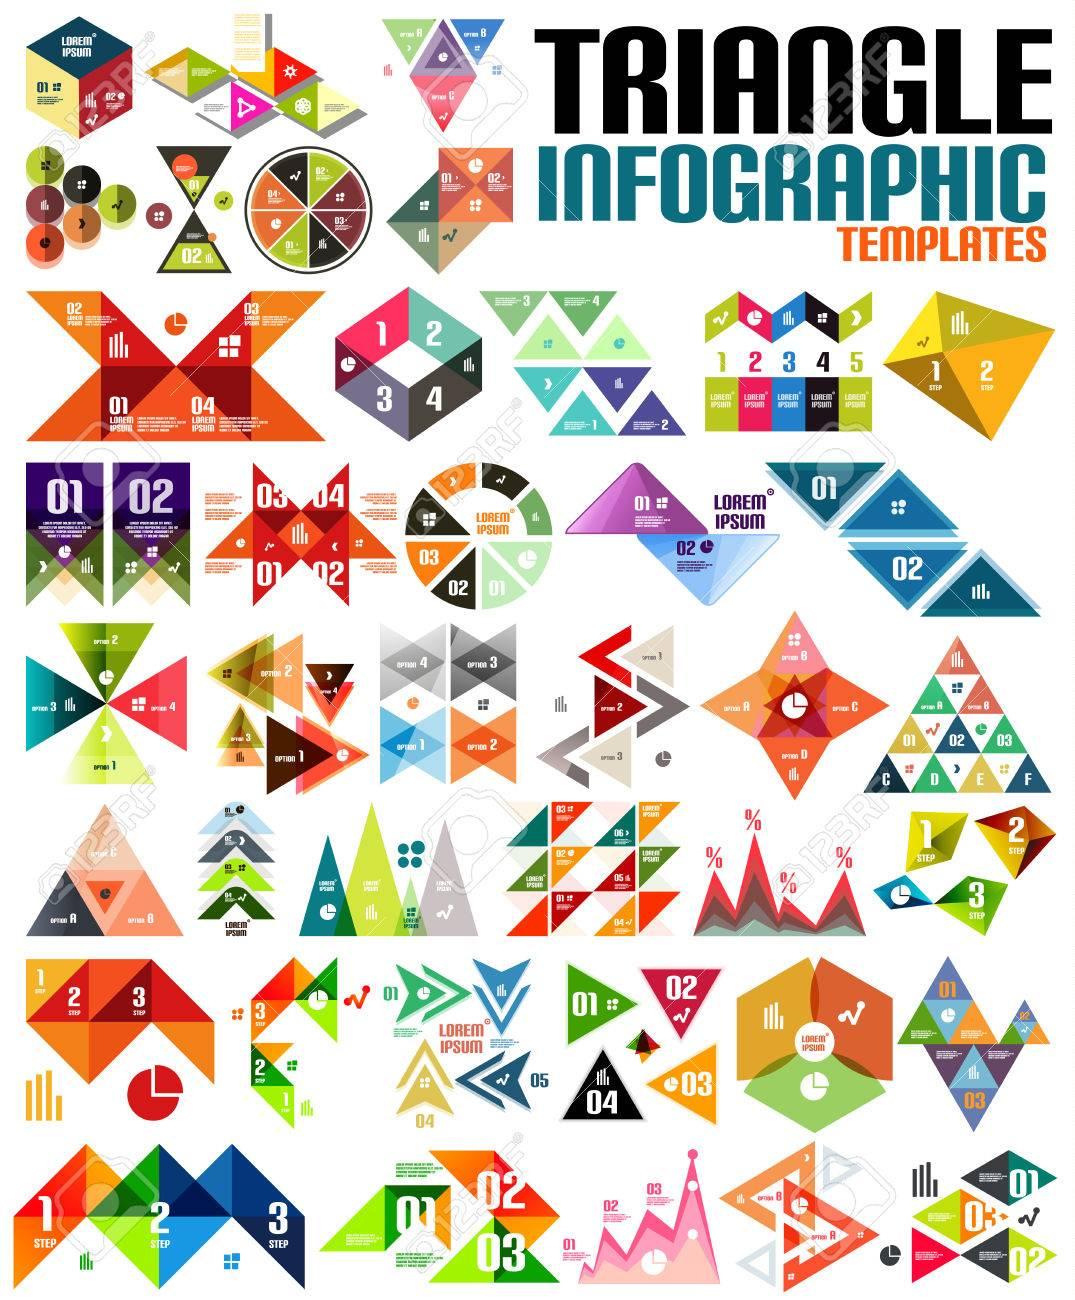 Forme Géométrique Graphie Jeu De Modèle - Triangles, Des Carrés, Des  Formes Abstraites. Pour Des Bannières, Des Milieux D'affaires, Présentations pour Jeu De Forme Géométrique